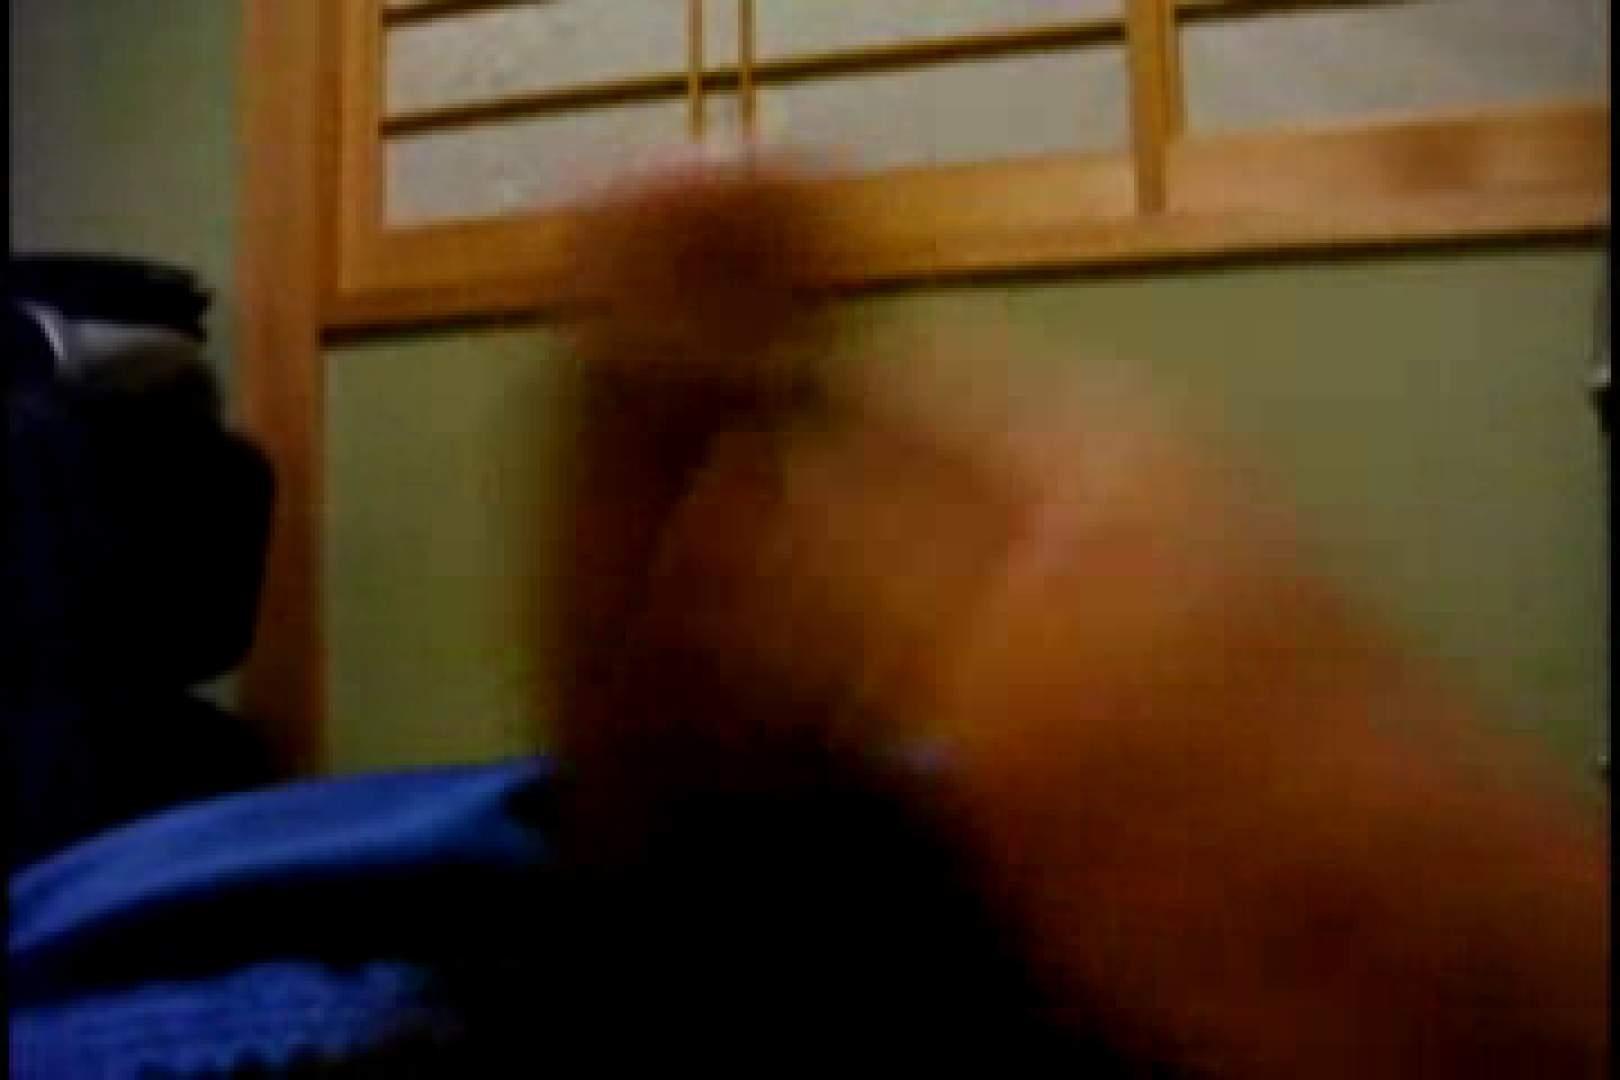 オナ好きノンケテニス部員の自画撮り投稿vol.02 射精天国 ゲイエロ動画 89pic 44